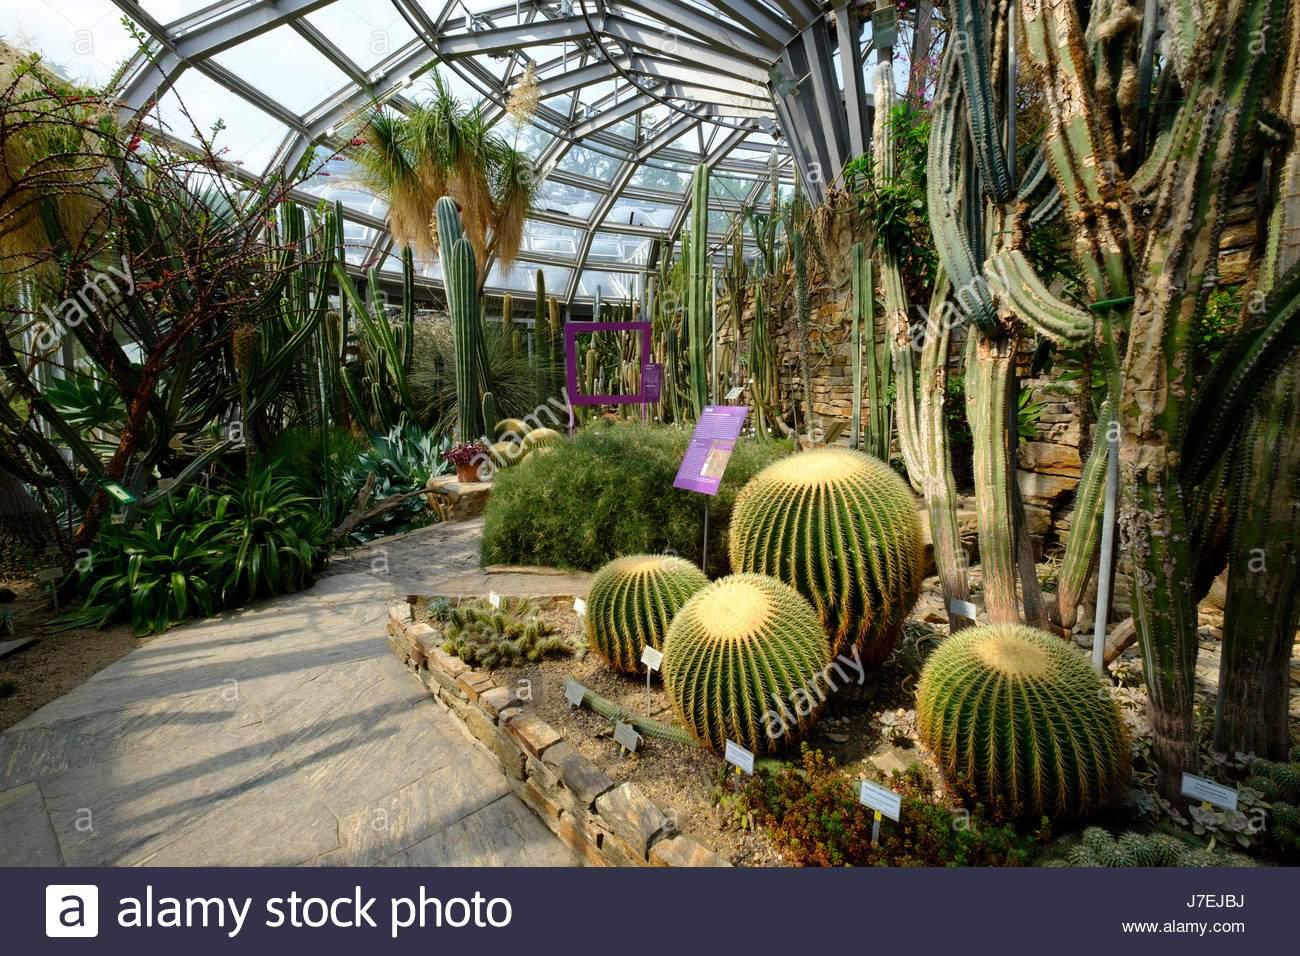 kaktus anzeige im gewachshaus im berliner botanischen garten in dahlem berlin deutschland j7ejbj